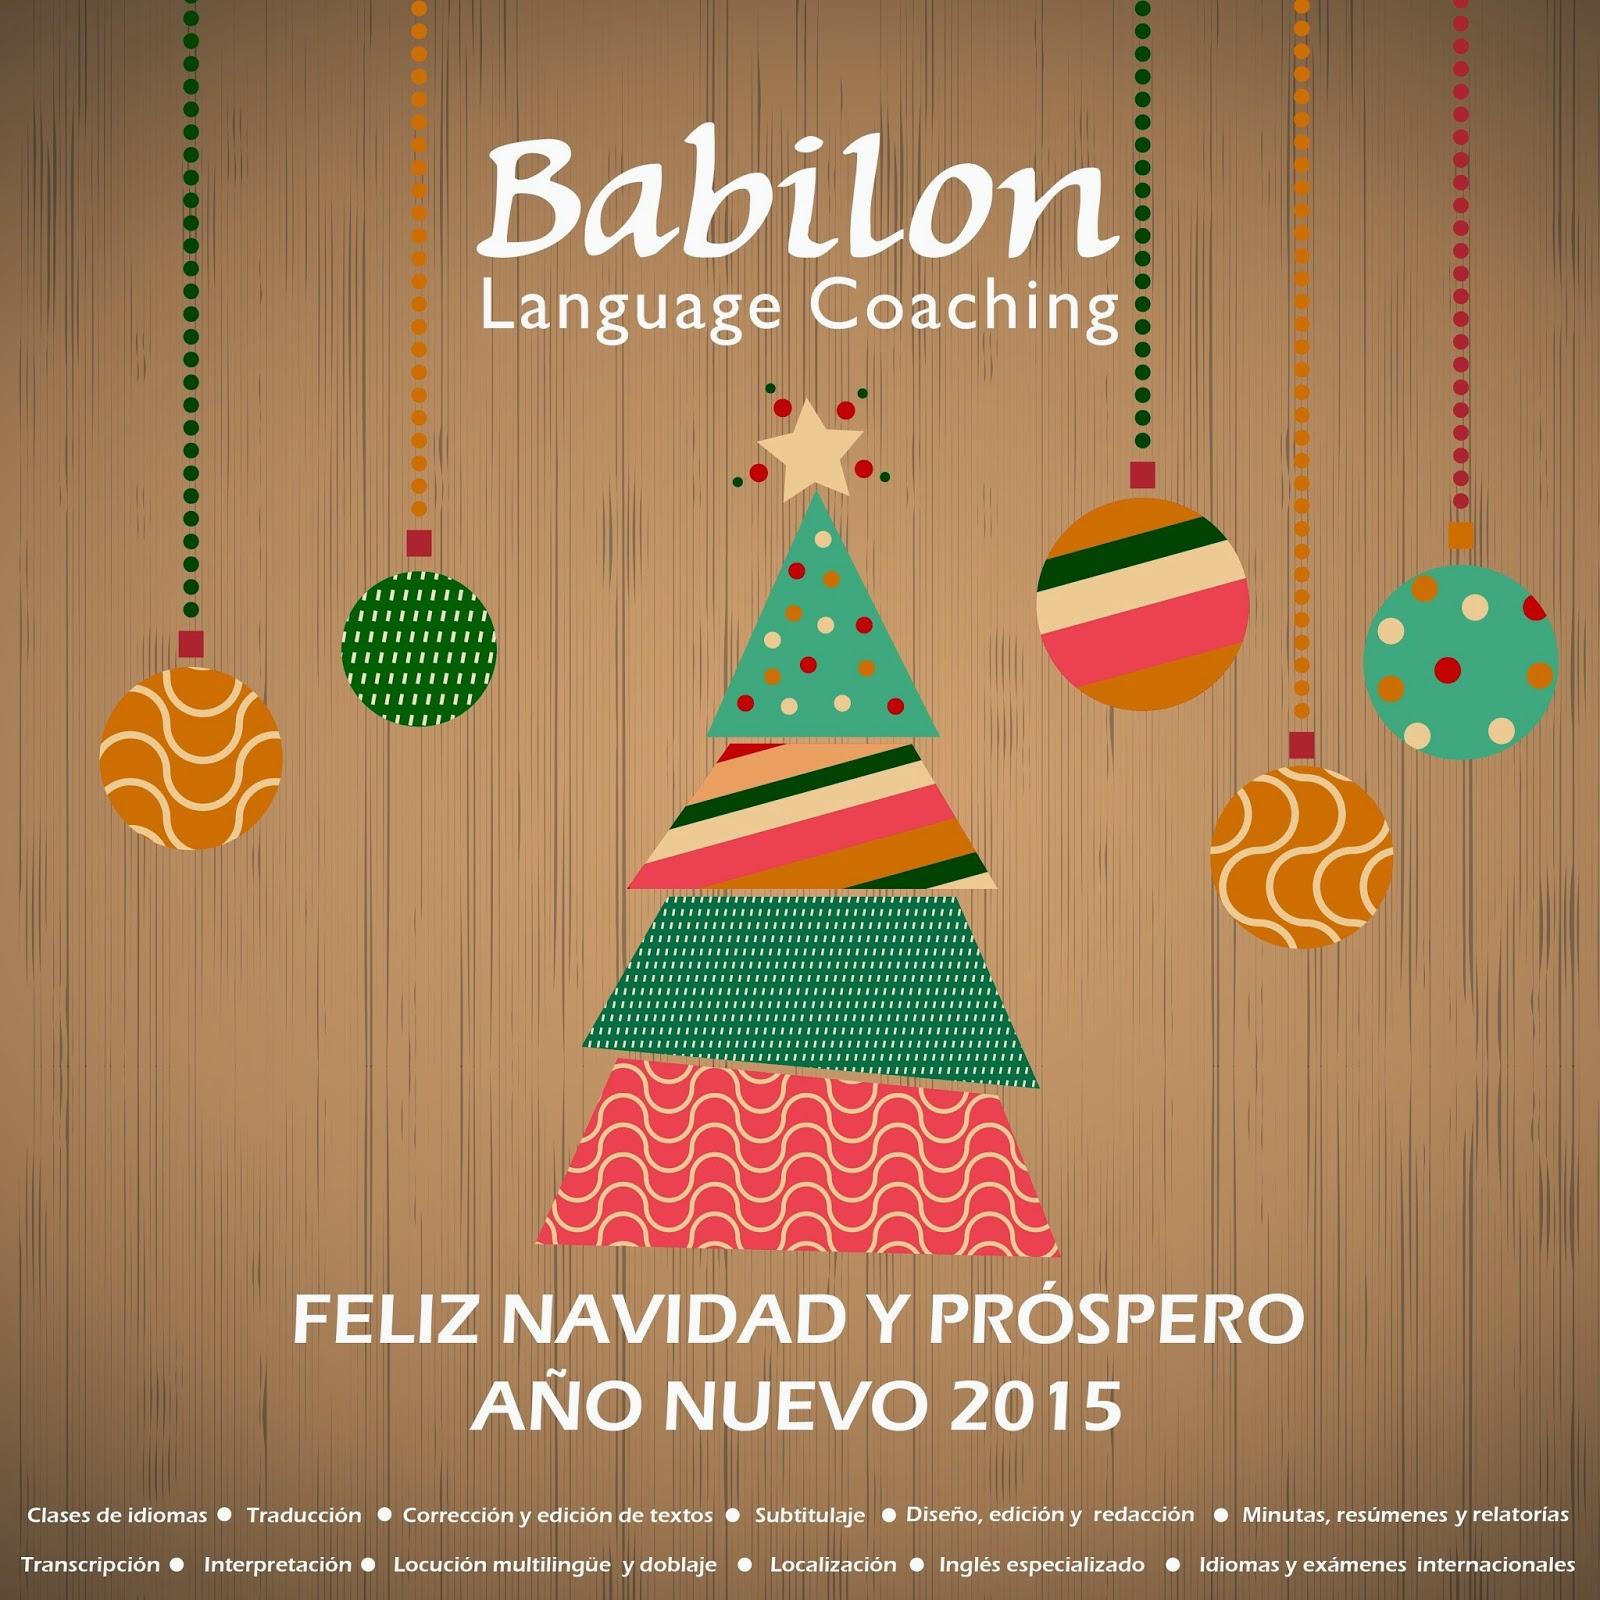 Babilon Language Coaching- Idiomas Querétaro